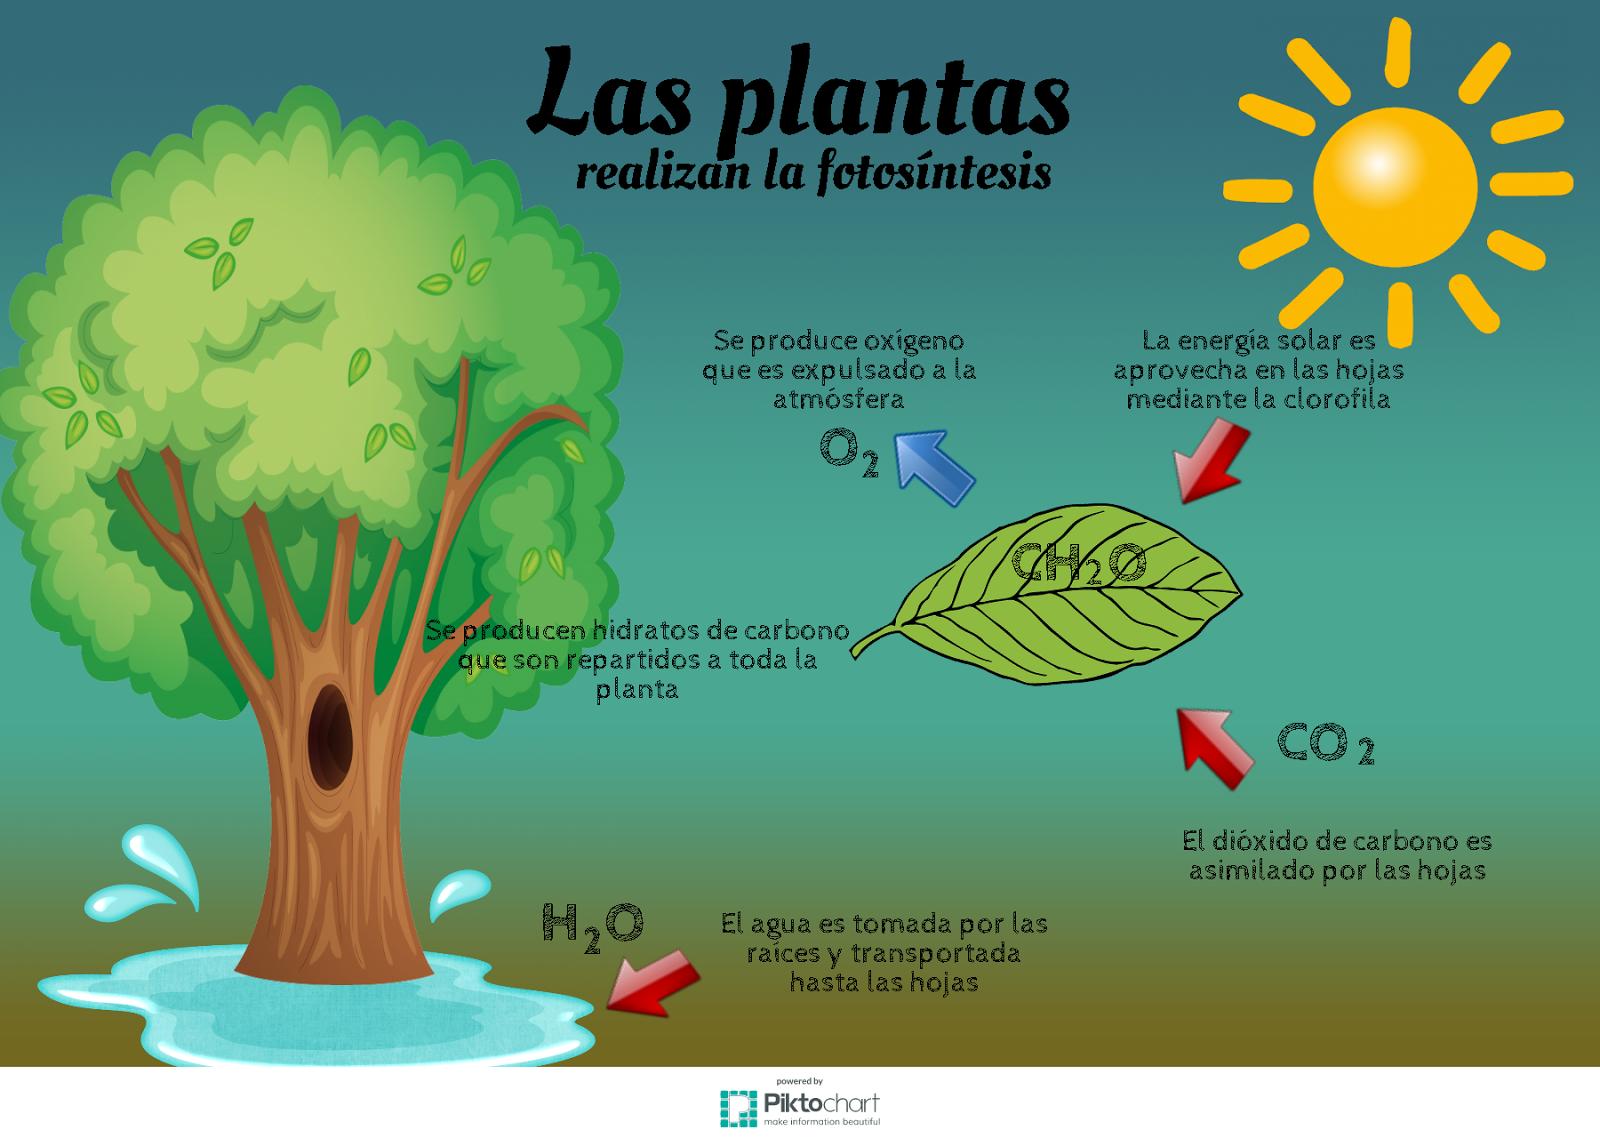 El proceso de la fotosintesis en la noche 57